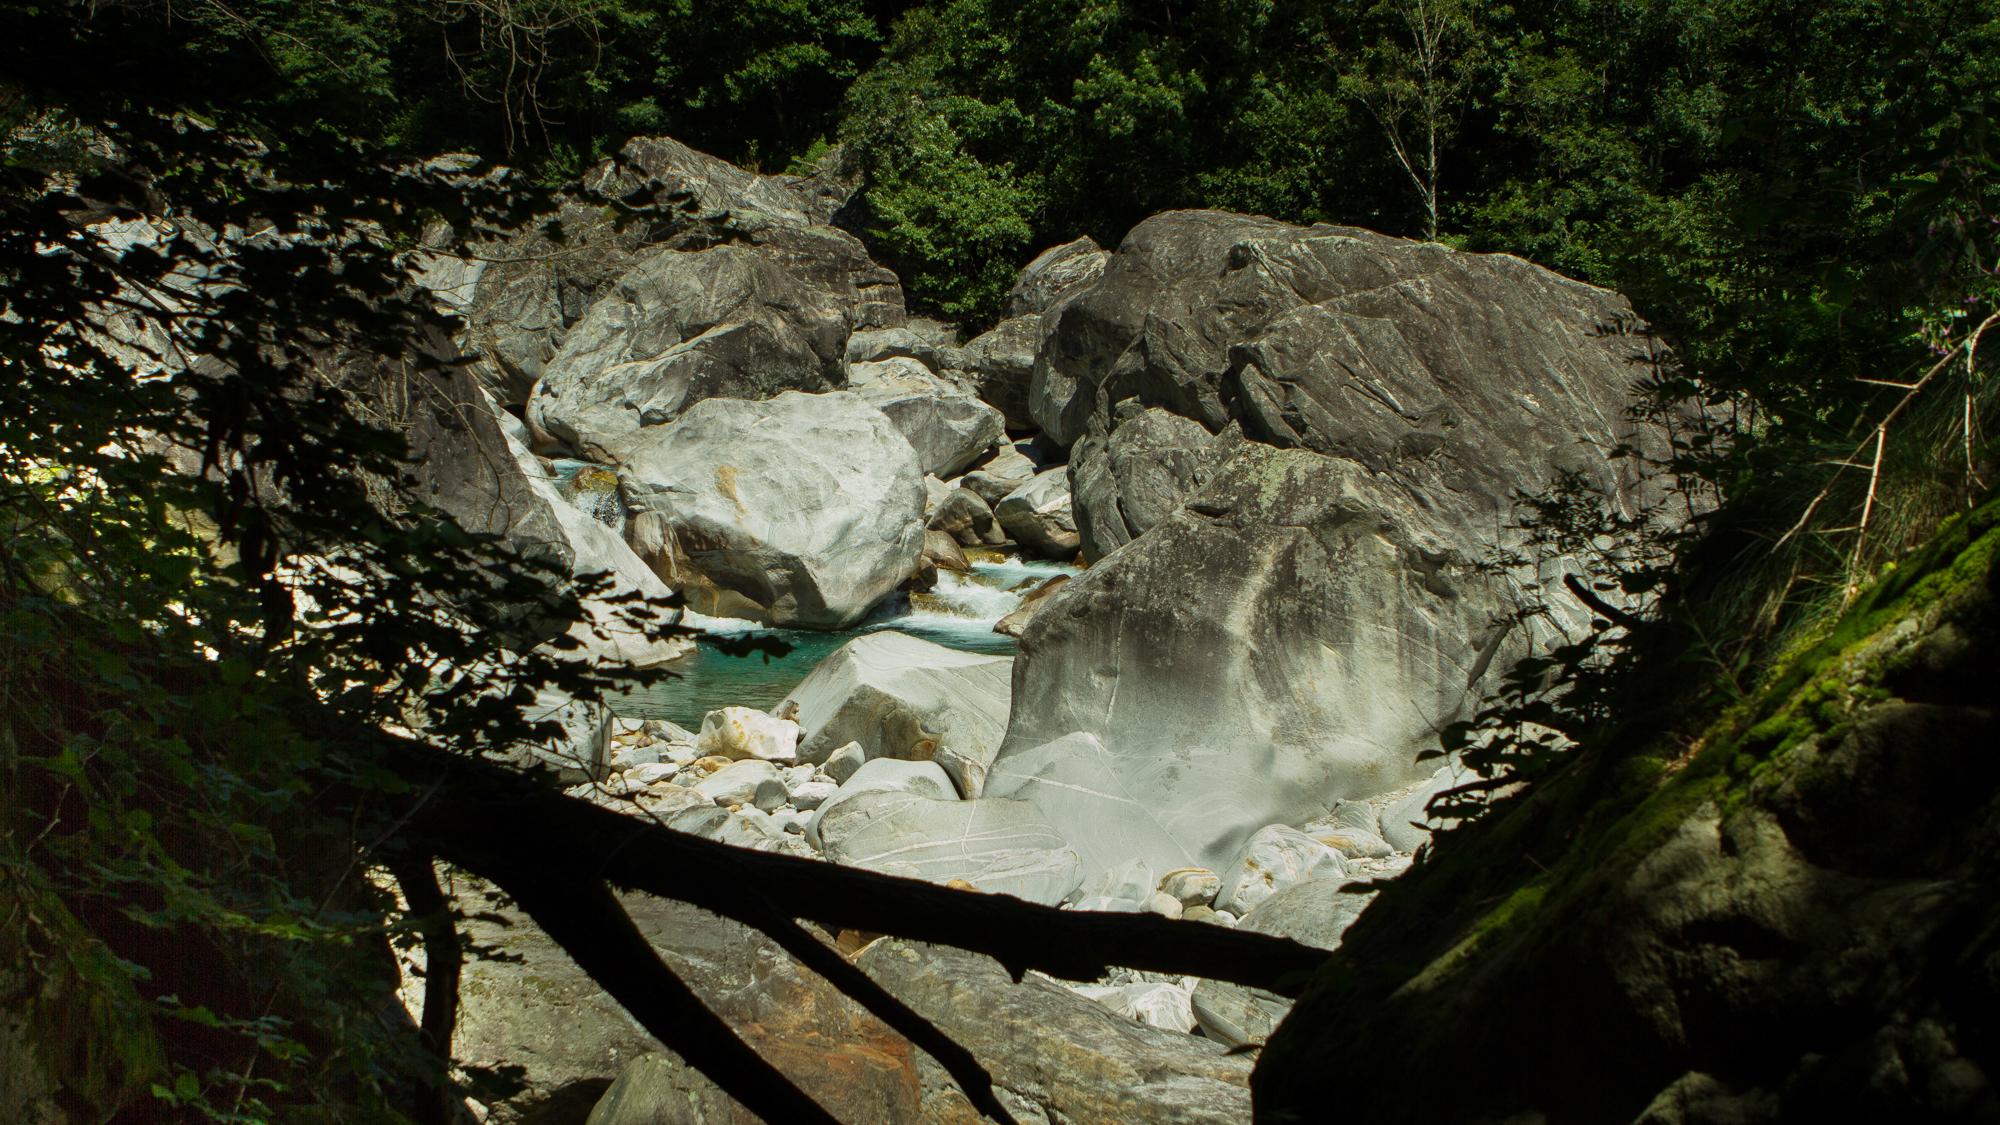 Die Becken im Fluss laden zum Baden ein. Es ist aber Vorsicht geboten.